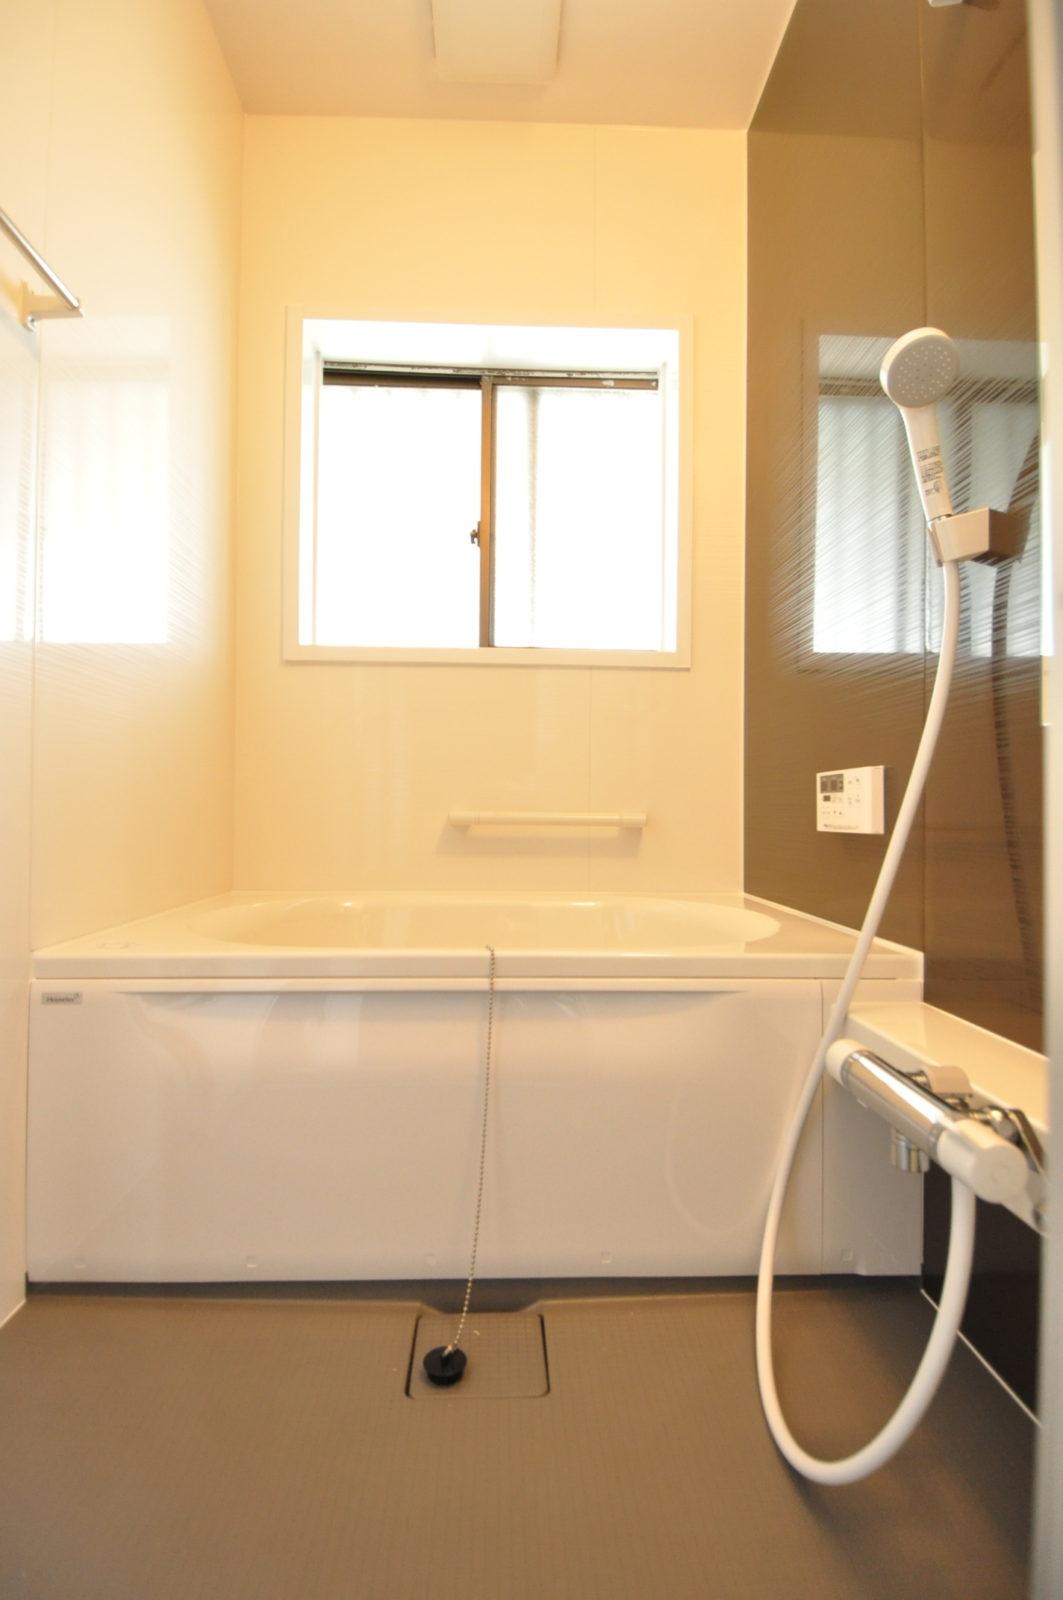 【浴室】在来のタイル風呂をユニットバスへ変更致しました。